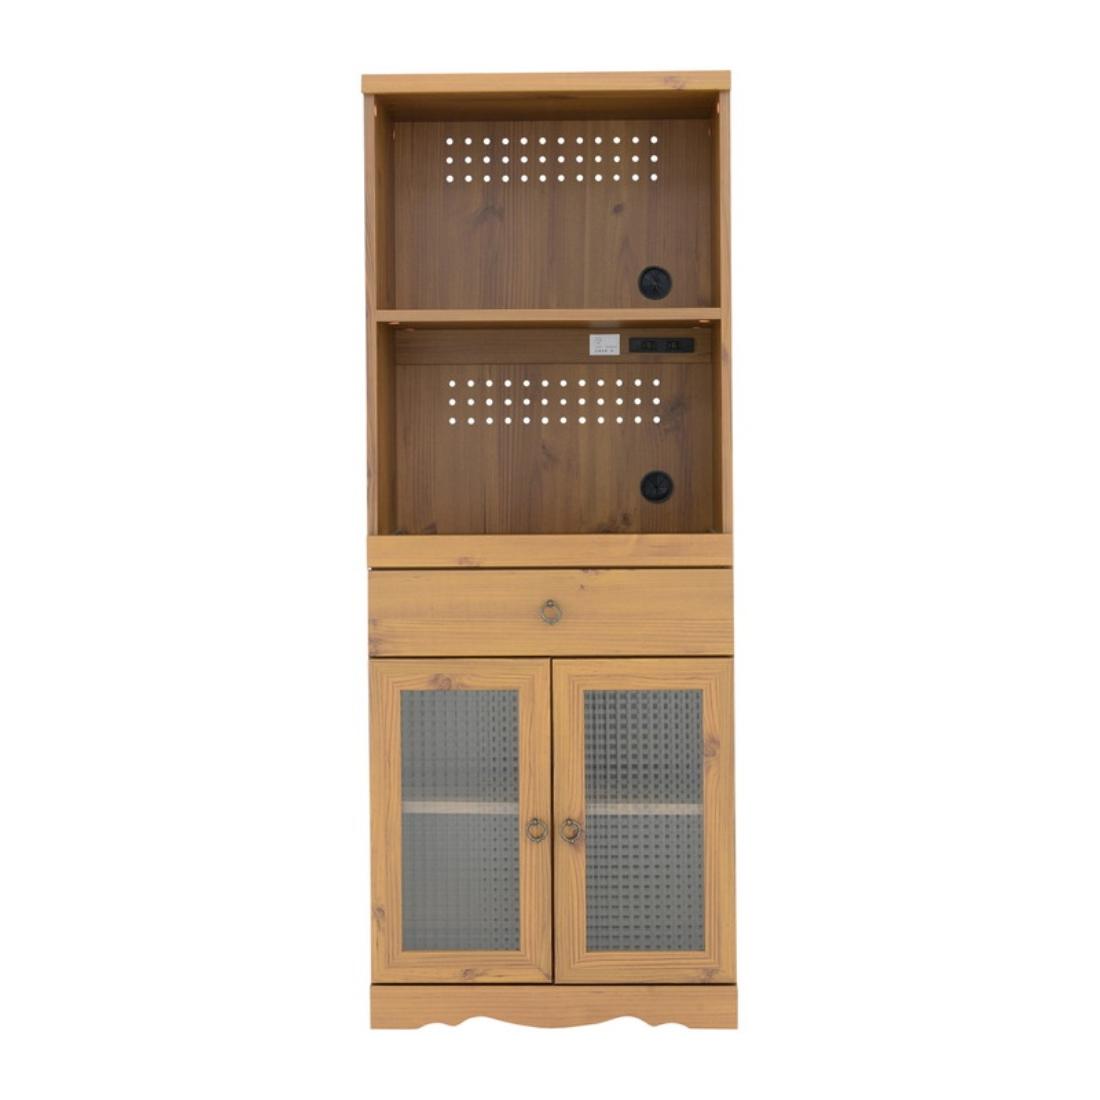 「送料無料」インテリア家具 キッチン収納 Bistro(ビストロ)食器棚 レンジ台(ハイタイプ・60cm幅) オシャレ